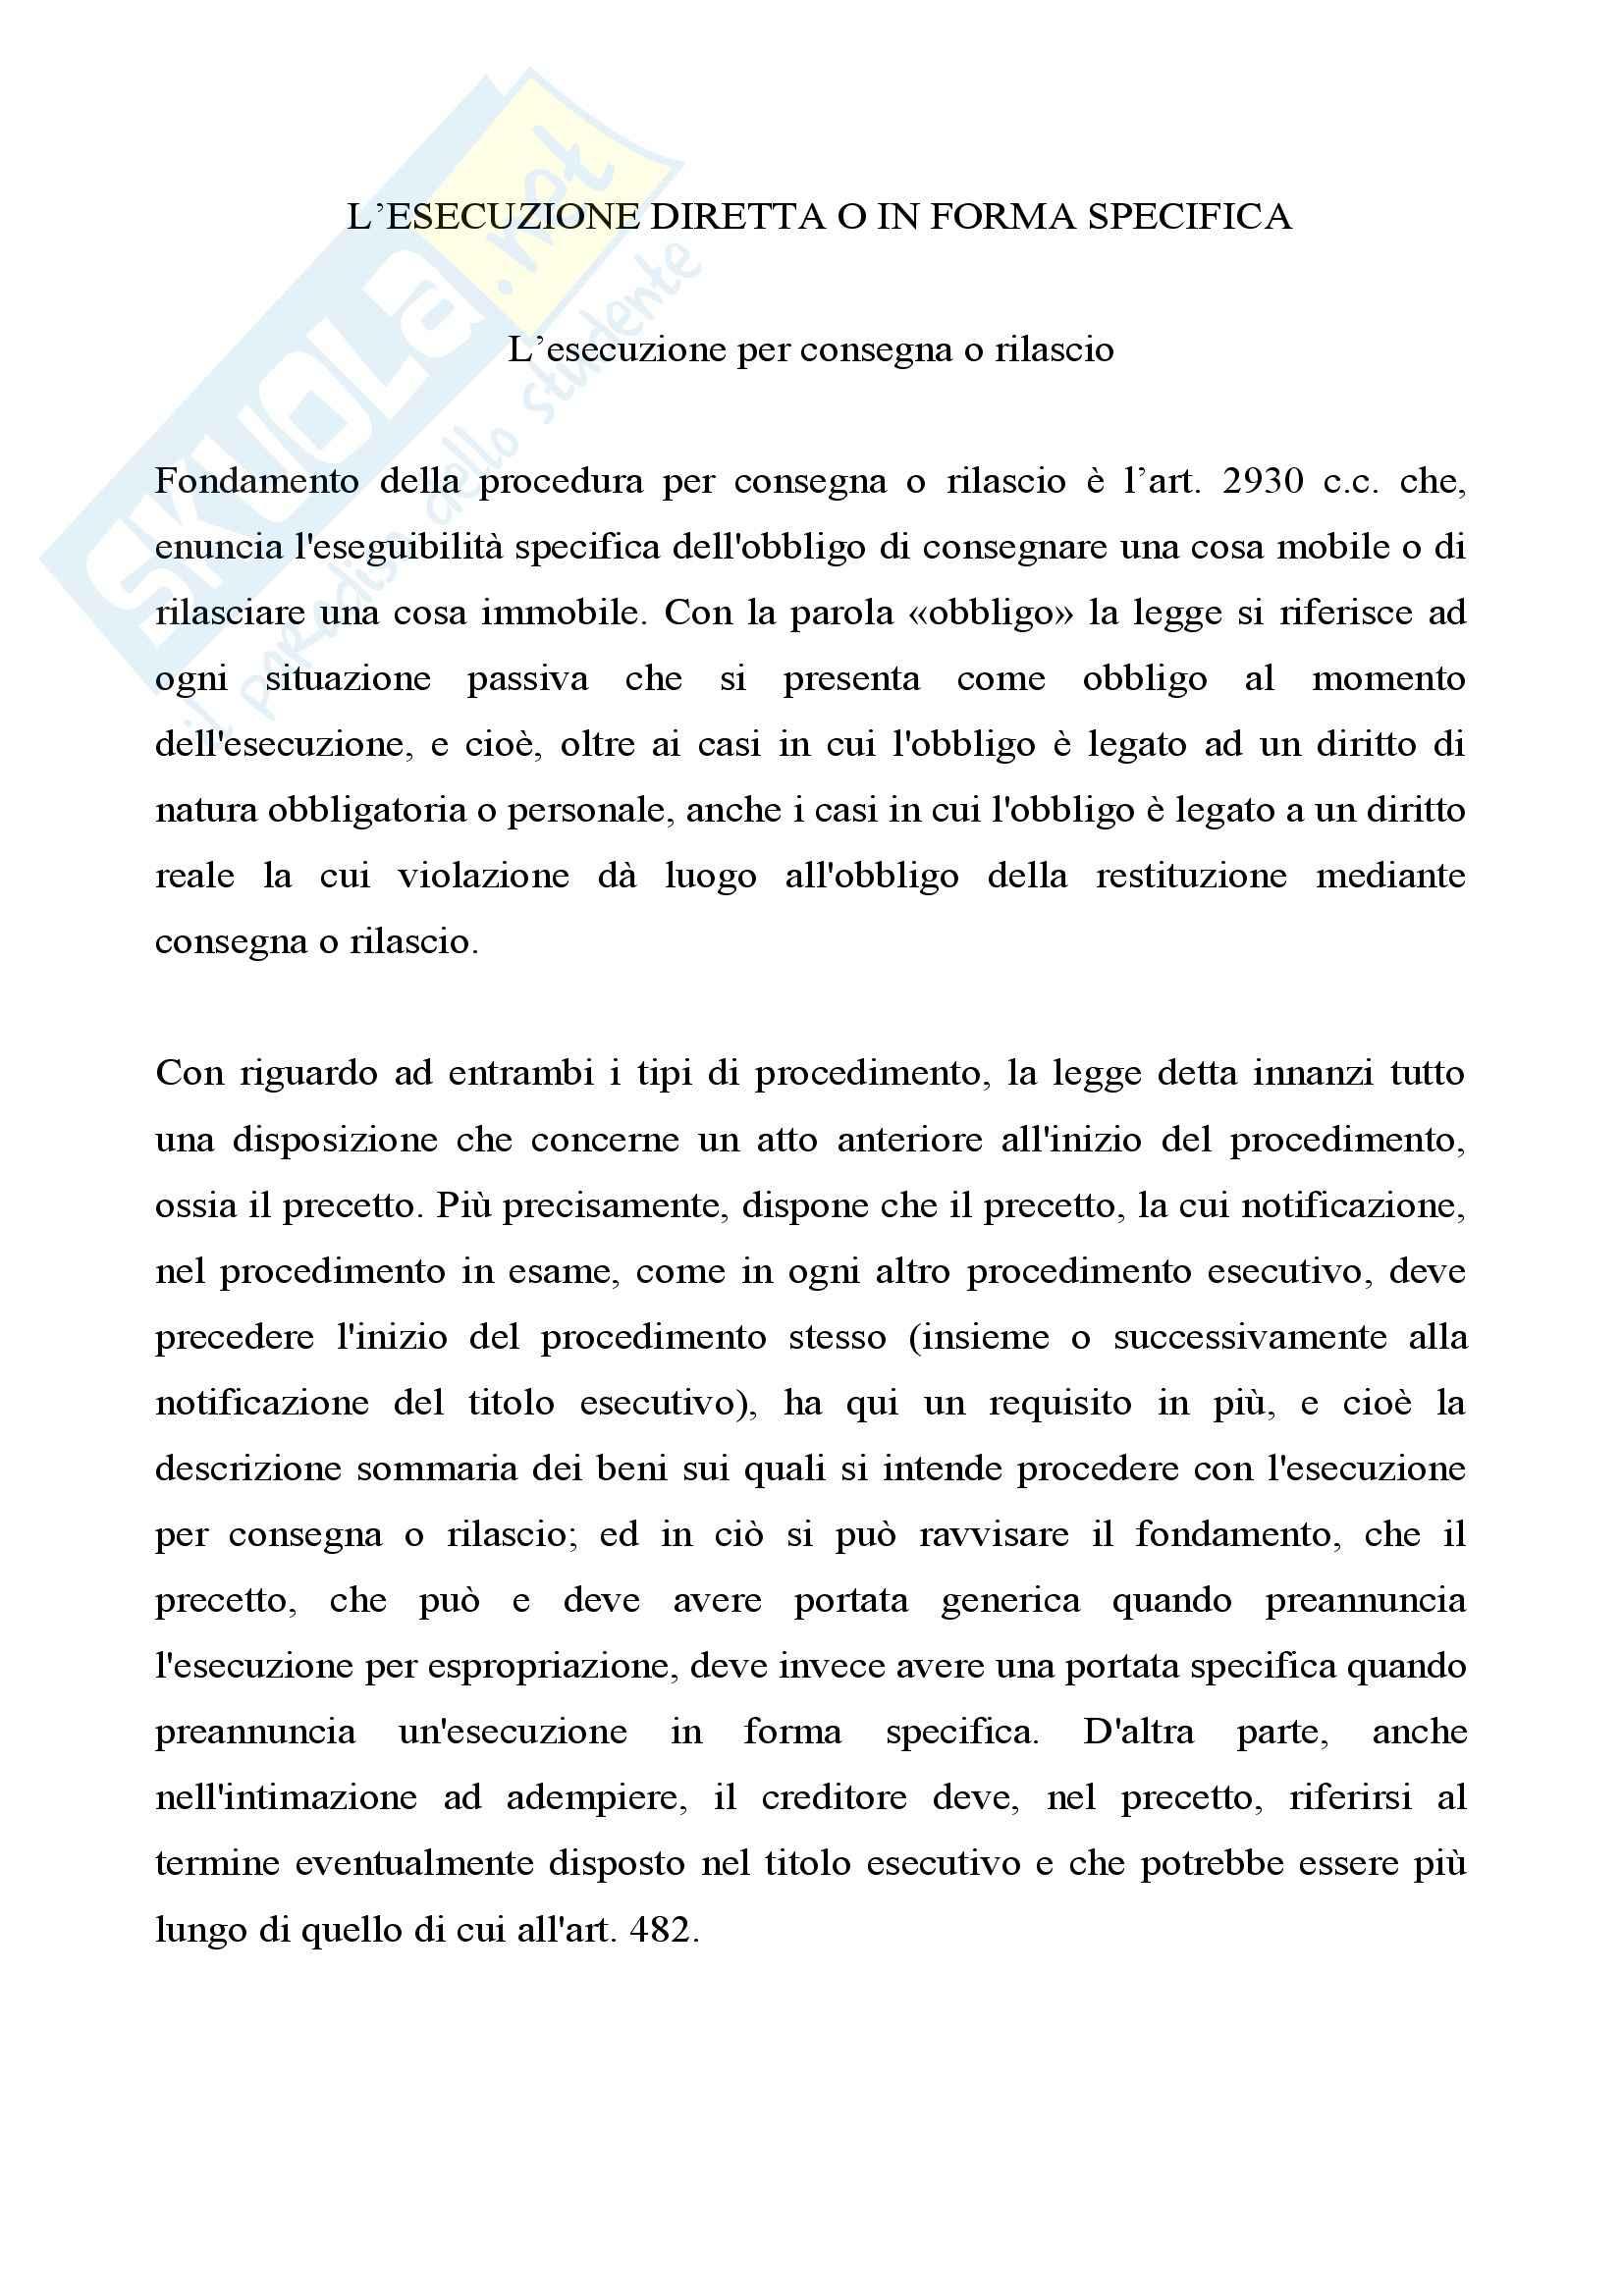 Diritto processuale civile - l'esecuzione per consegna o rilascio